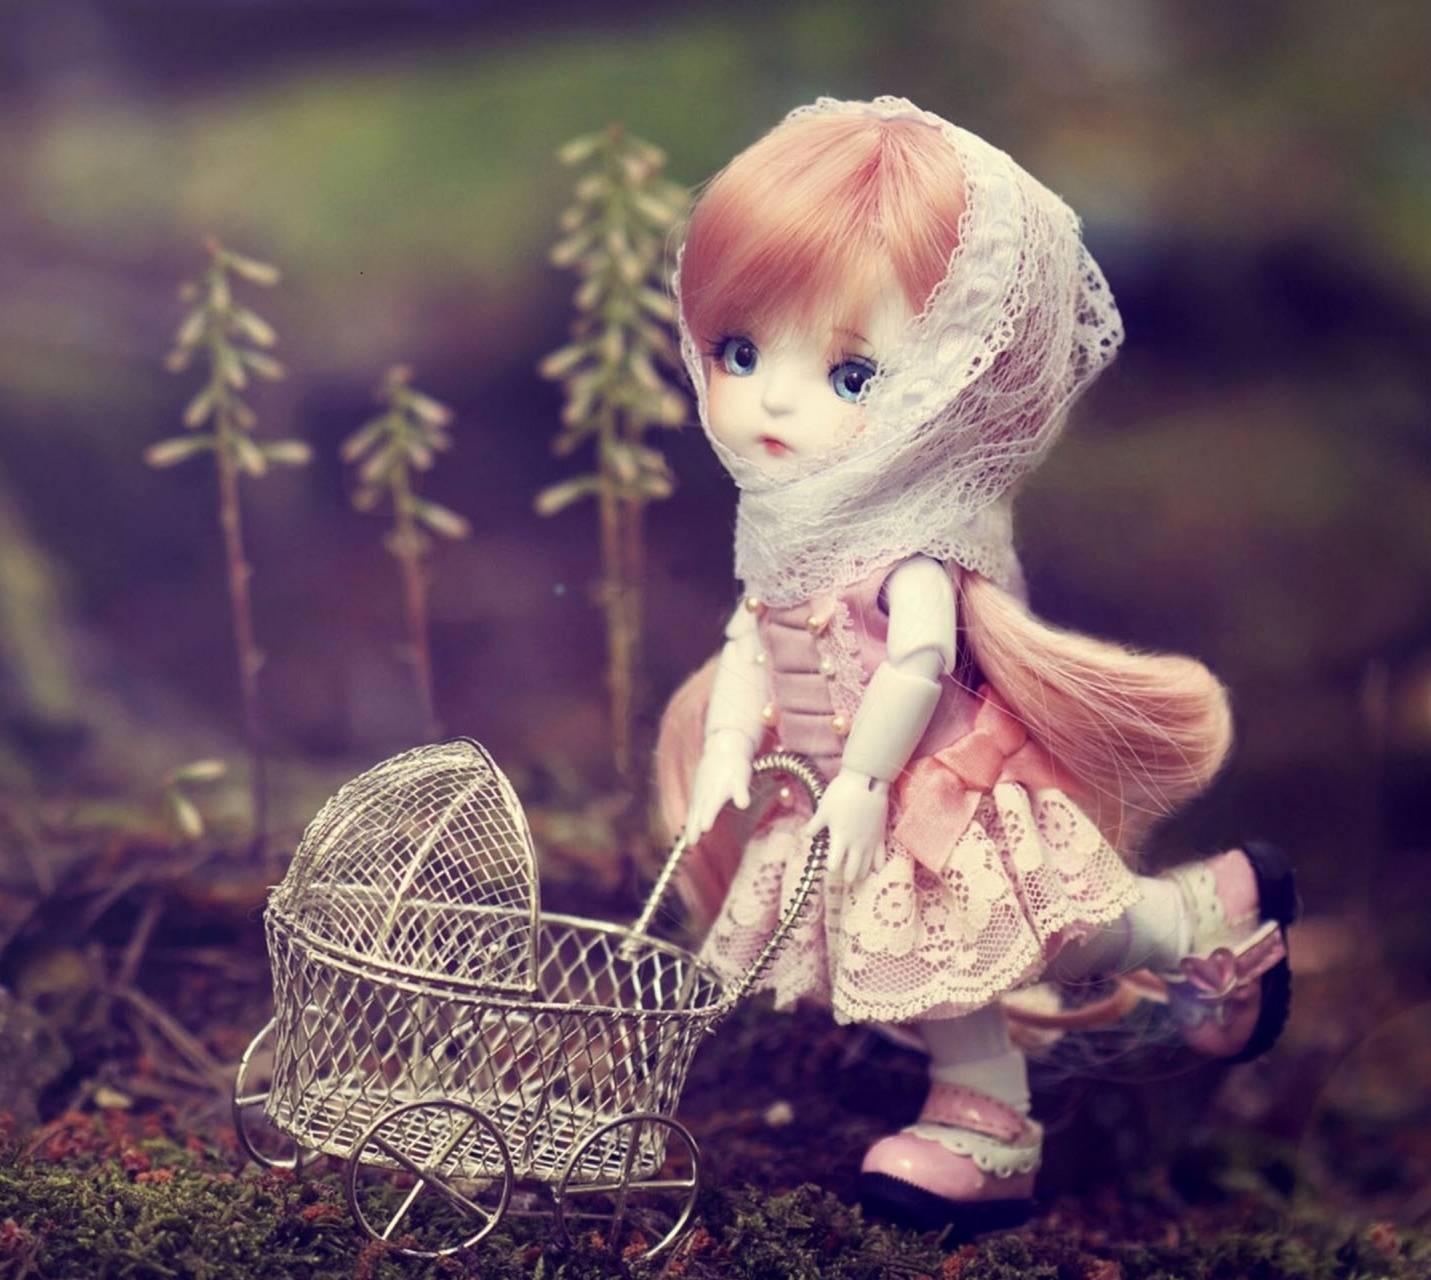 Cute Doll Wallpaper By Jutt4lyfe 63 Free On Zedge